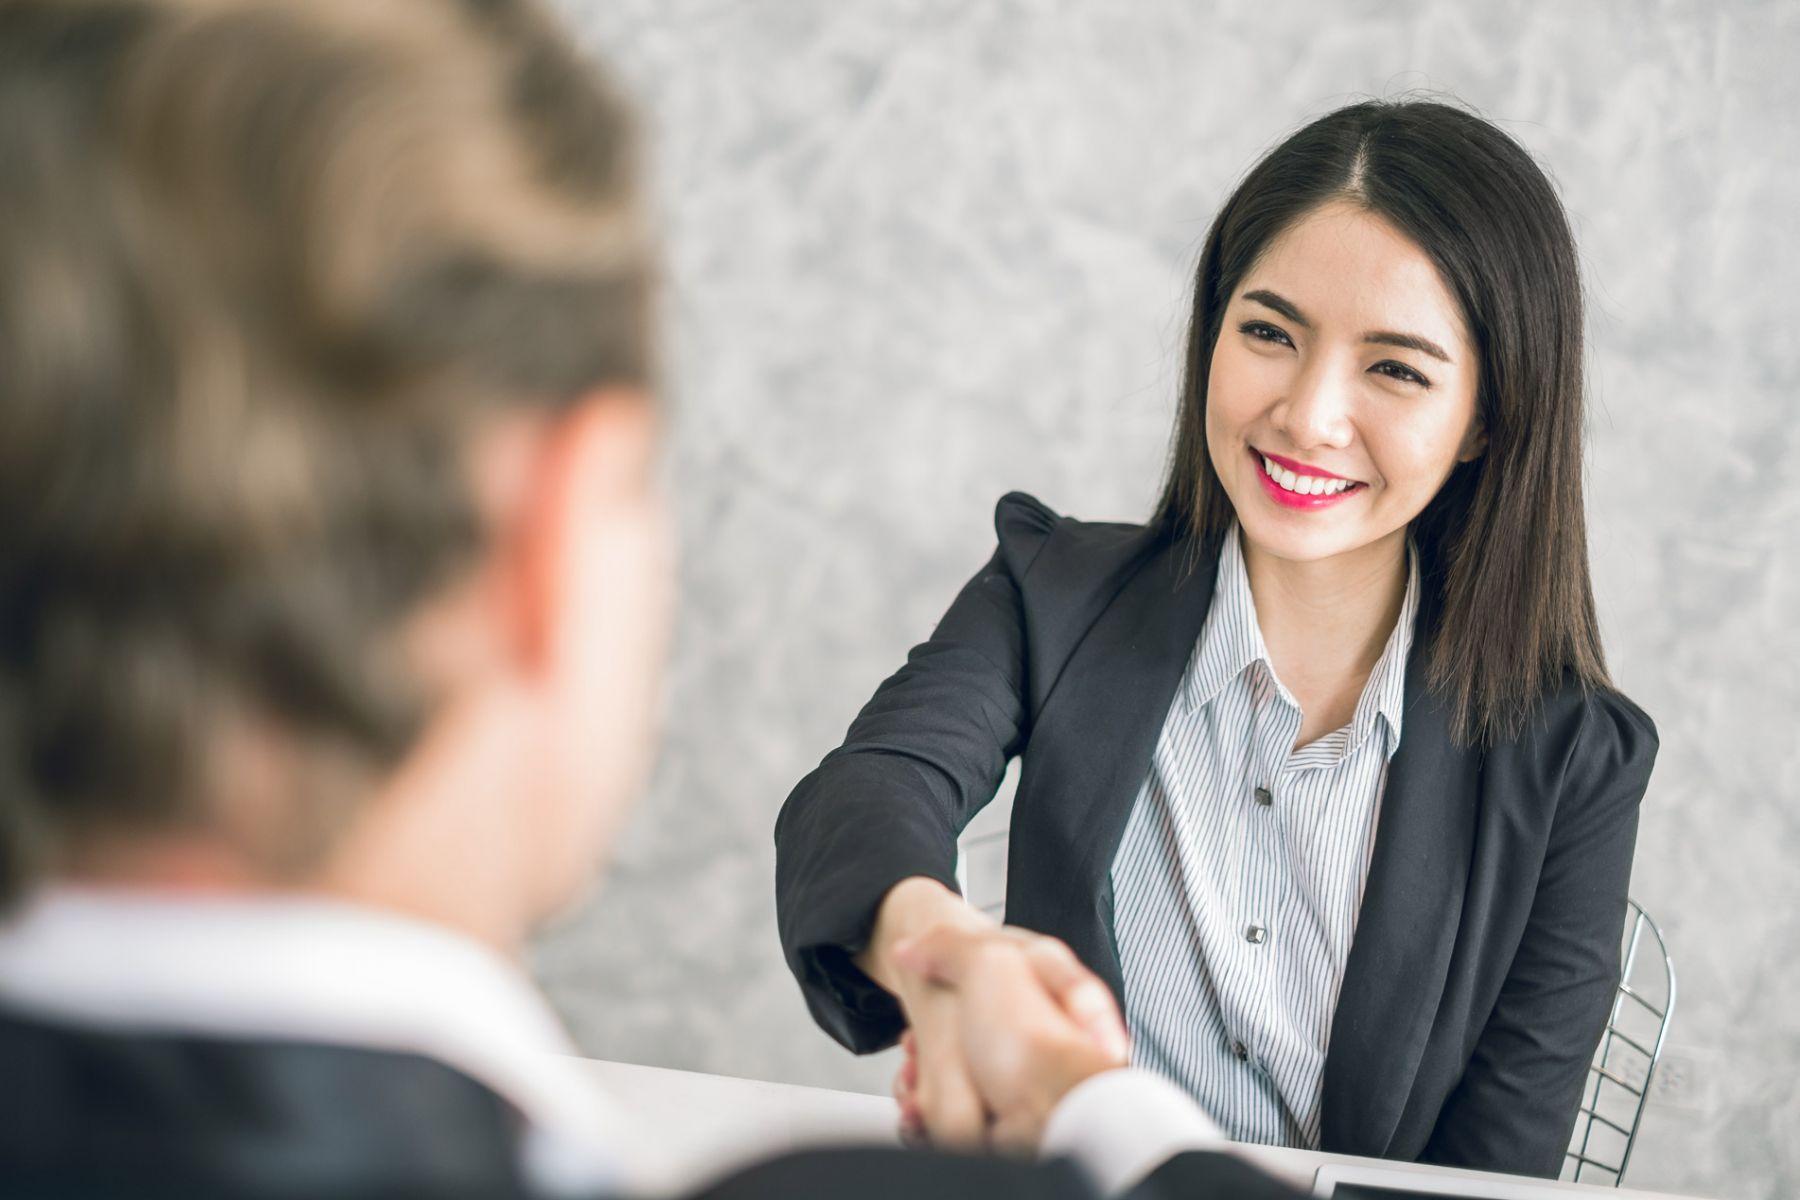 「上份工作的頭3個月在幹嘛?」5個問題,幫你揭穿求職者的真面目